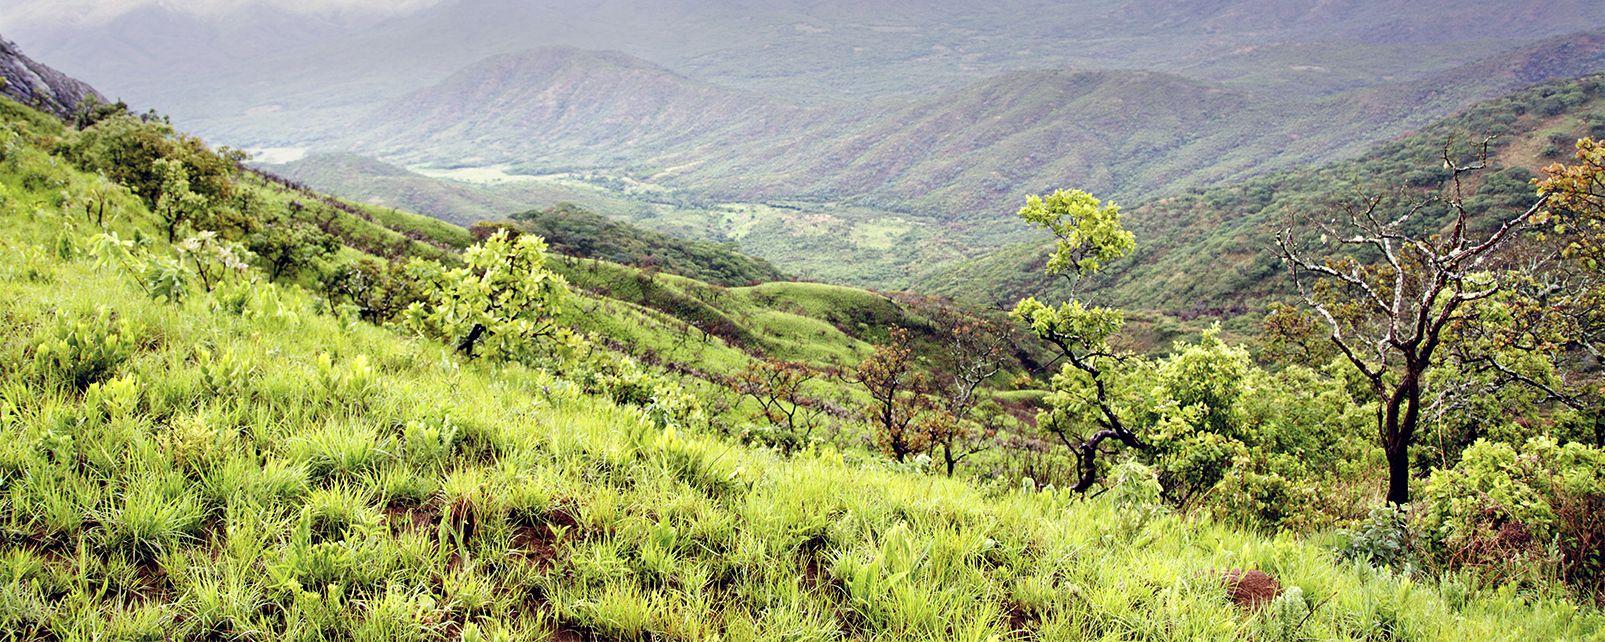 Les paysages, Afrique Malawi Parc Nyika Nyika national park